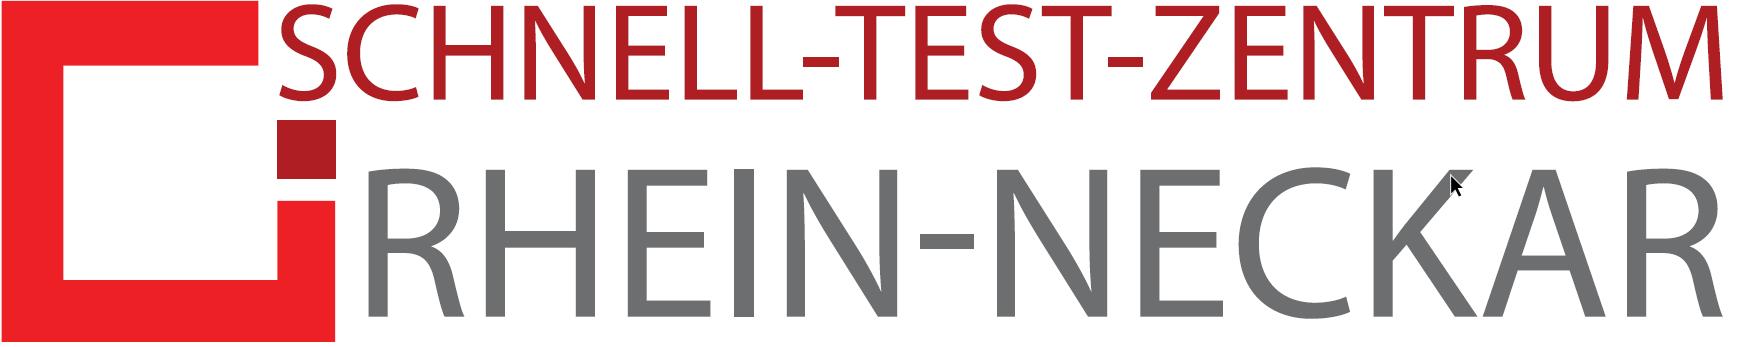 Schnelltestzentrum Viernheim